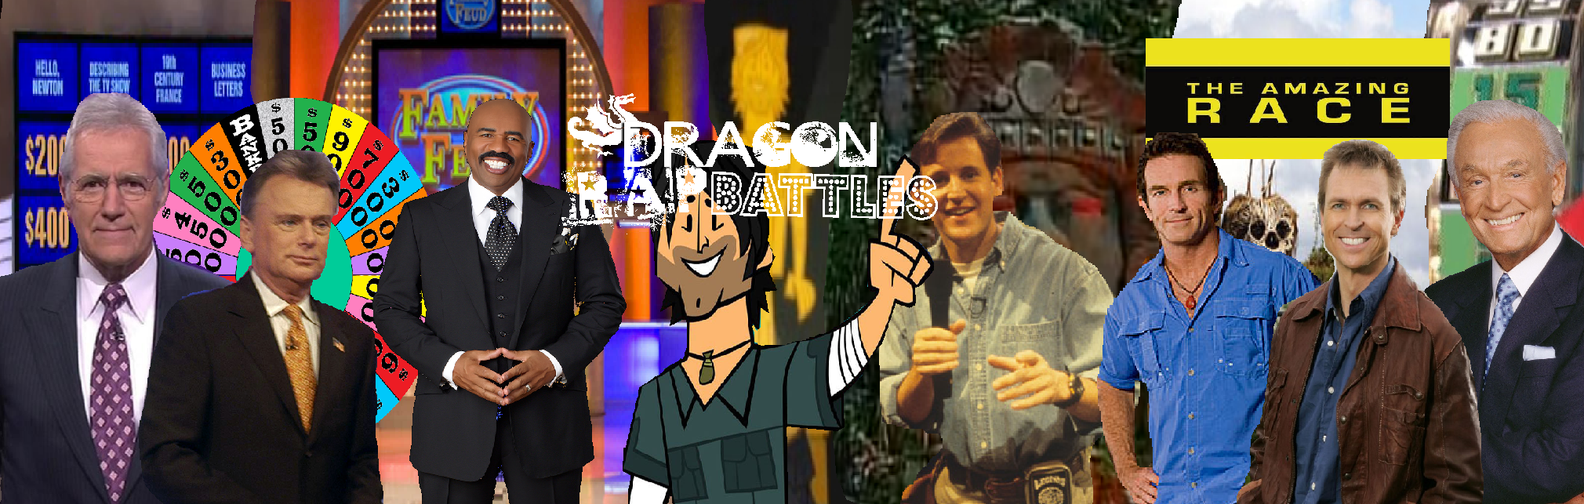 Alex Trebek VS Pat Sajak by dragonsblood23